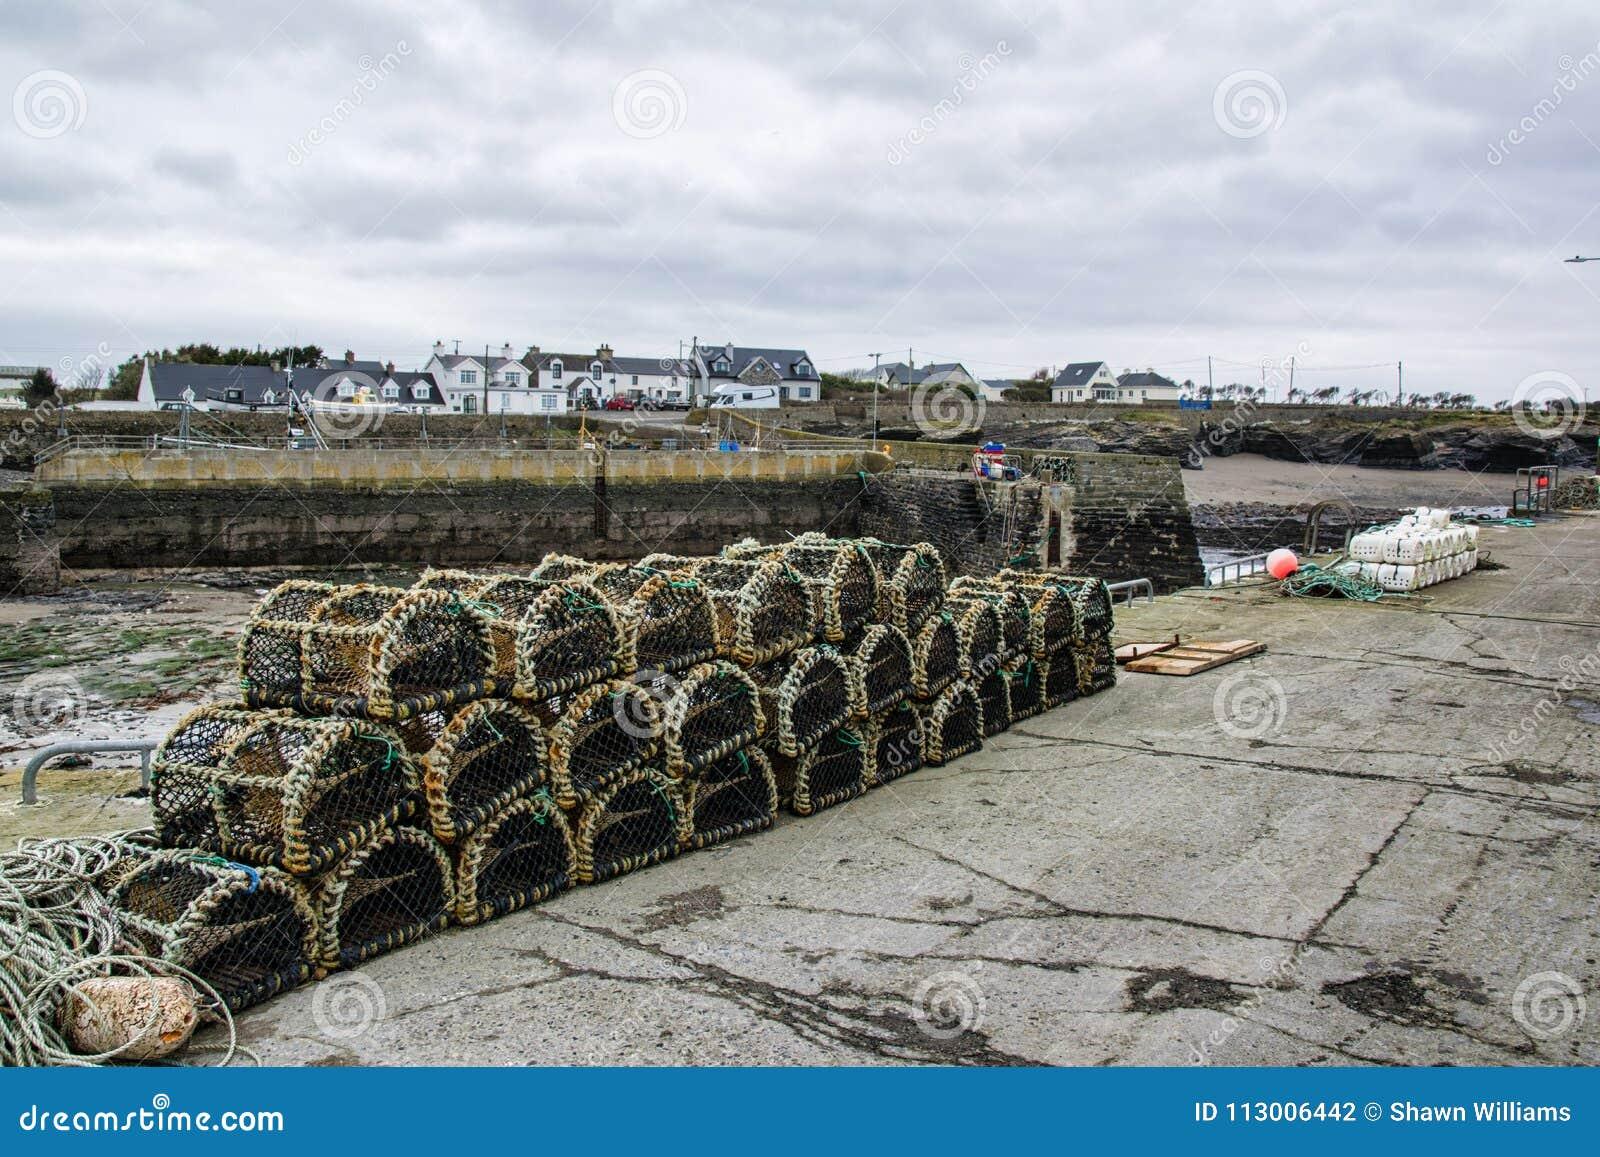 Pots de homard empilés dans un village de pêche irlandais